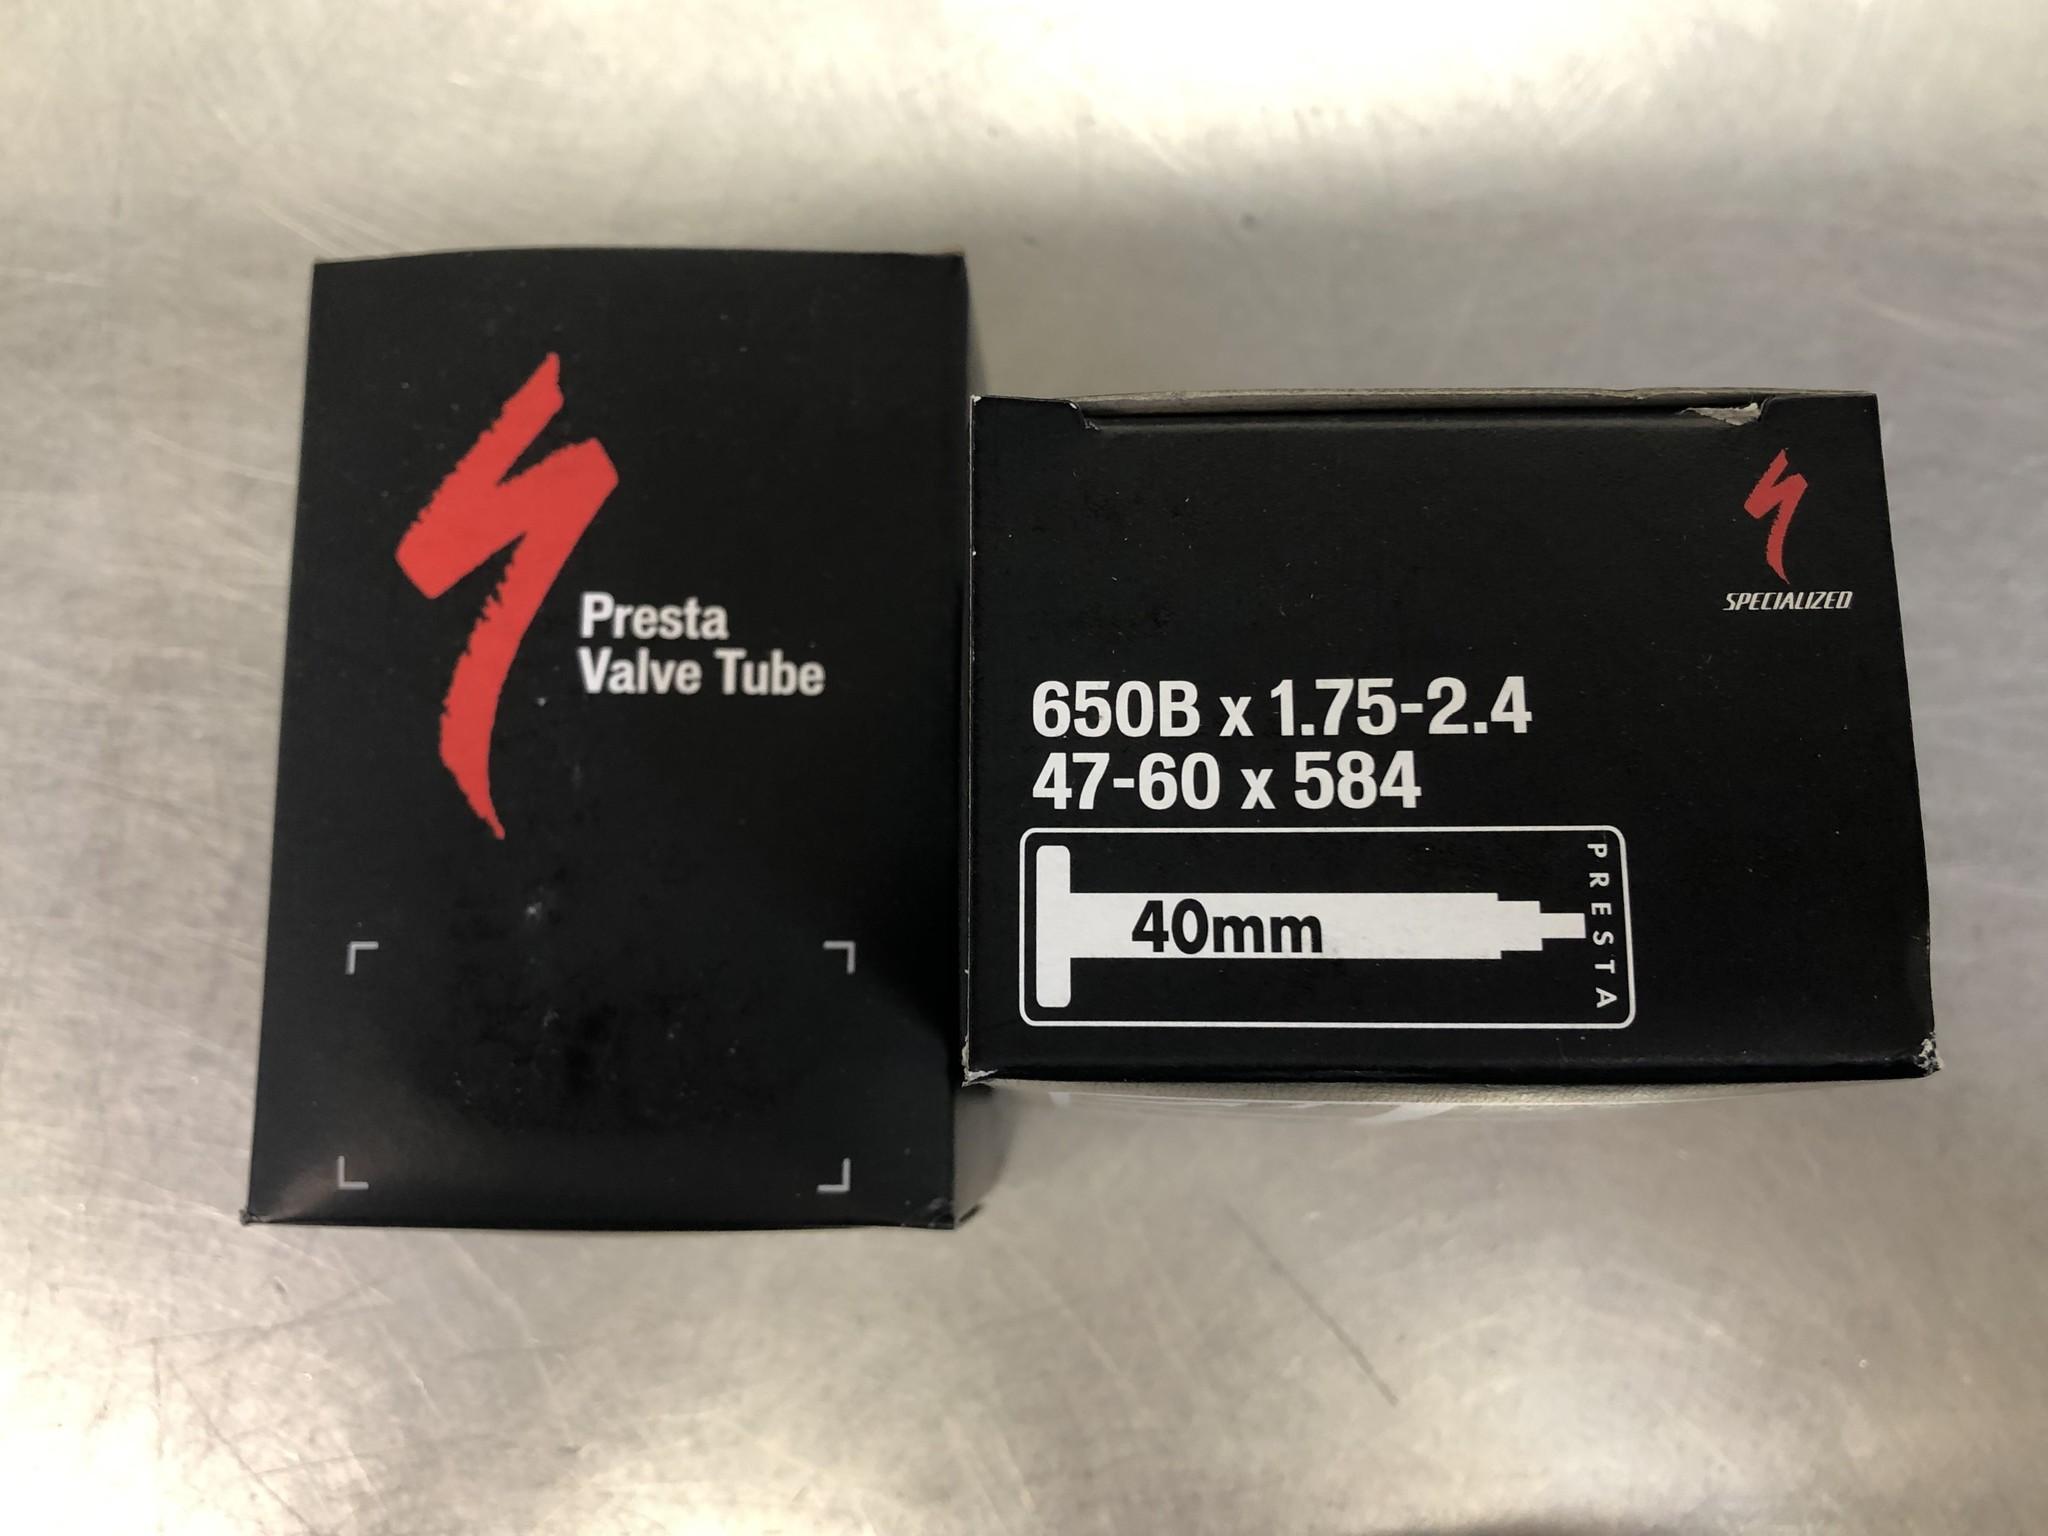 Specialized 650B x 1.75-2.4, Presta